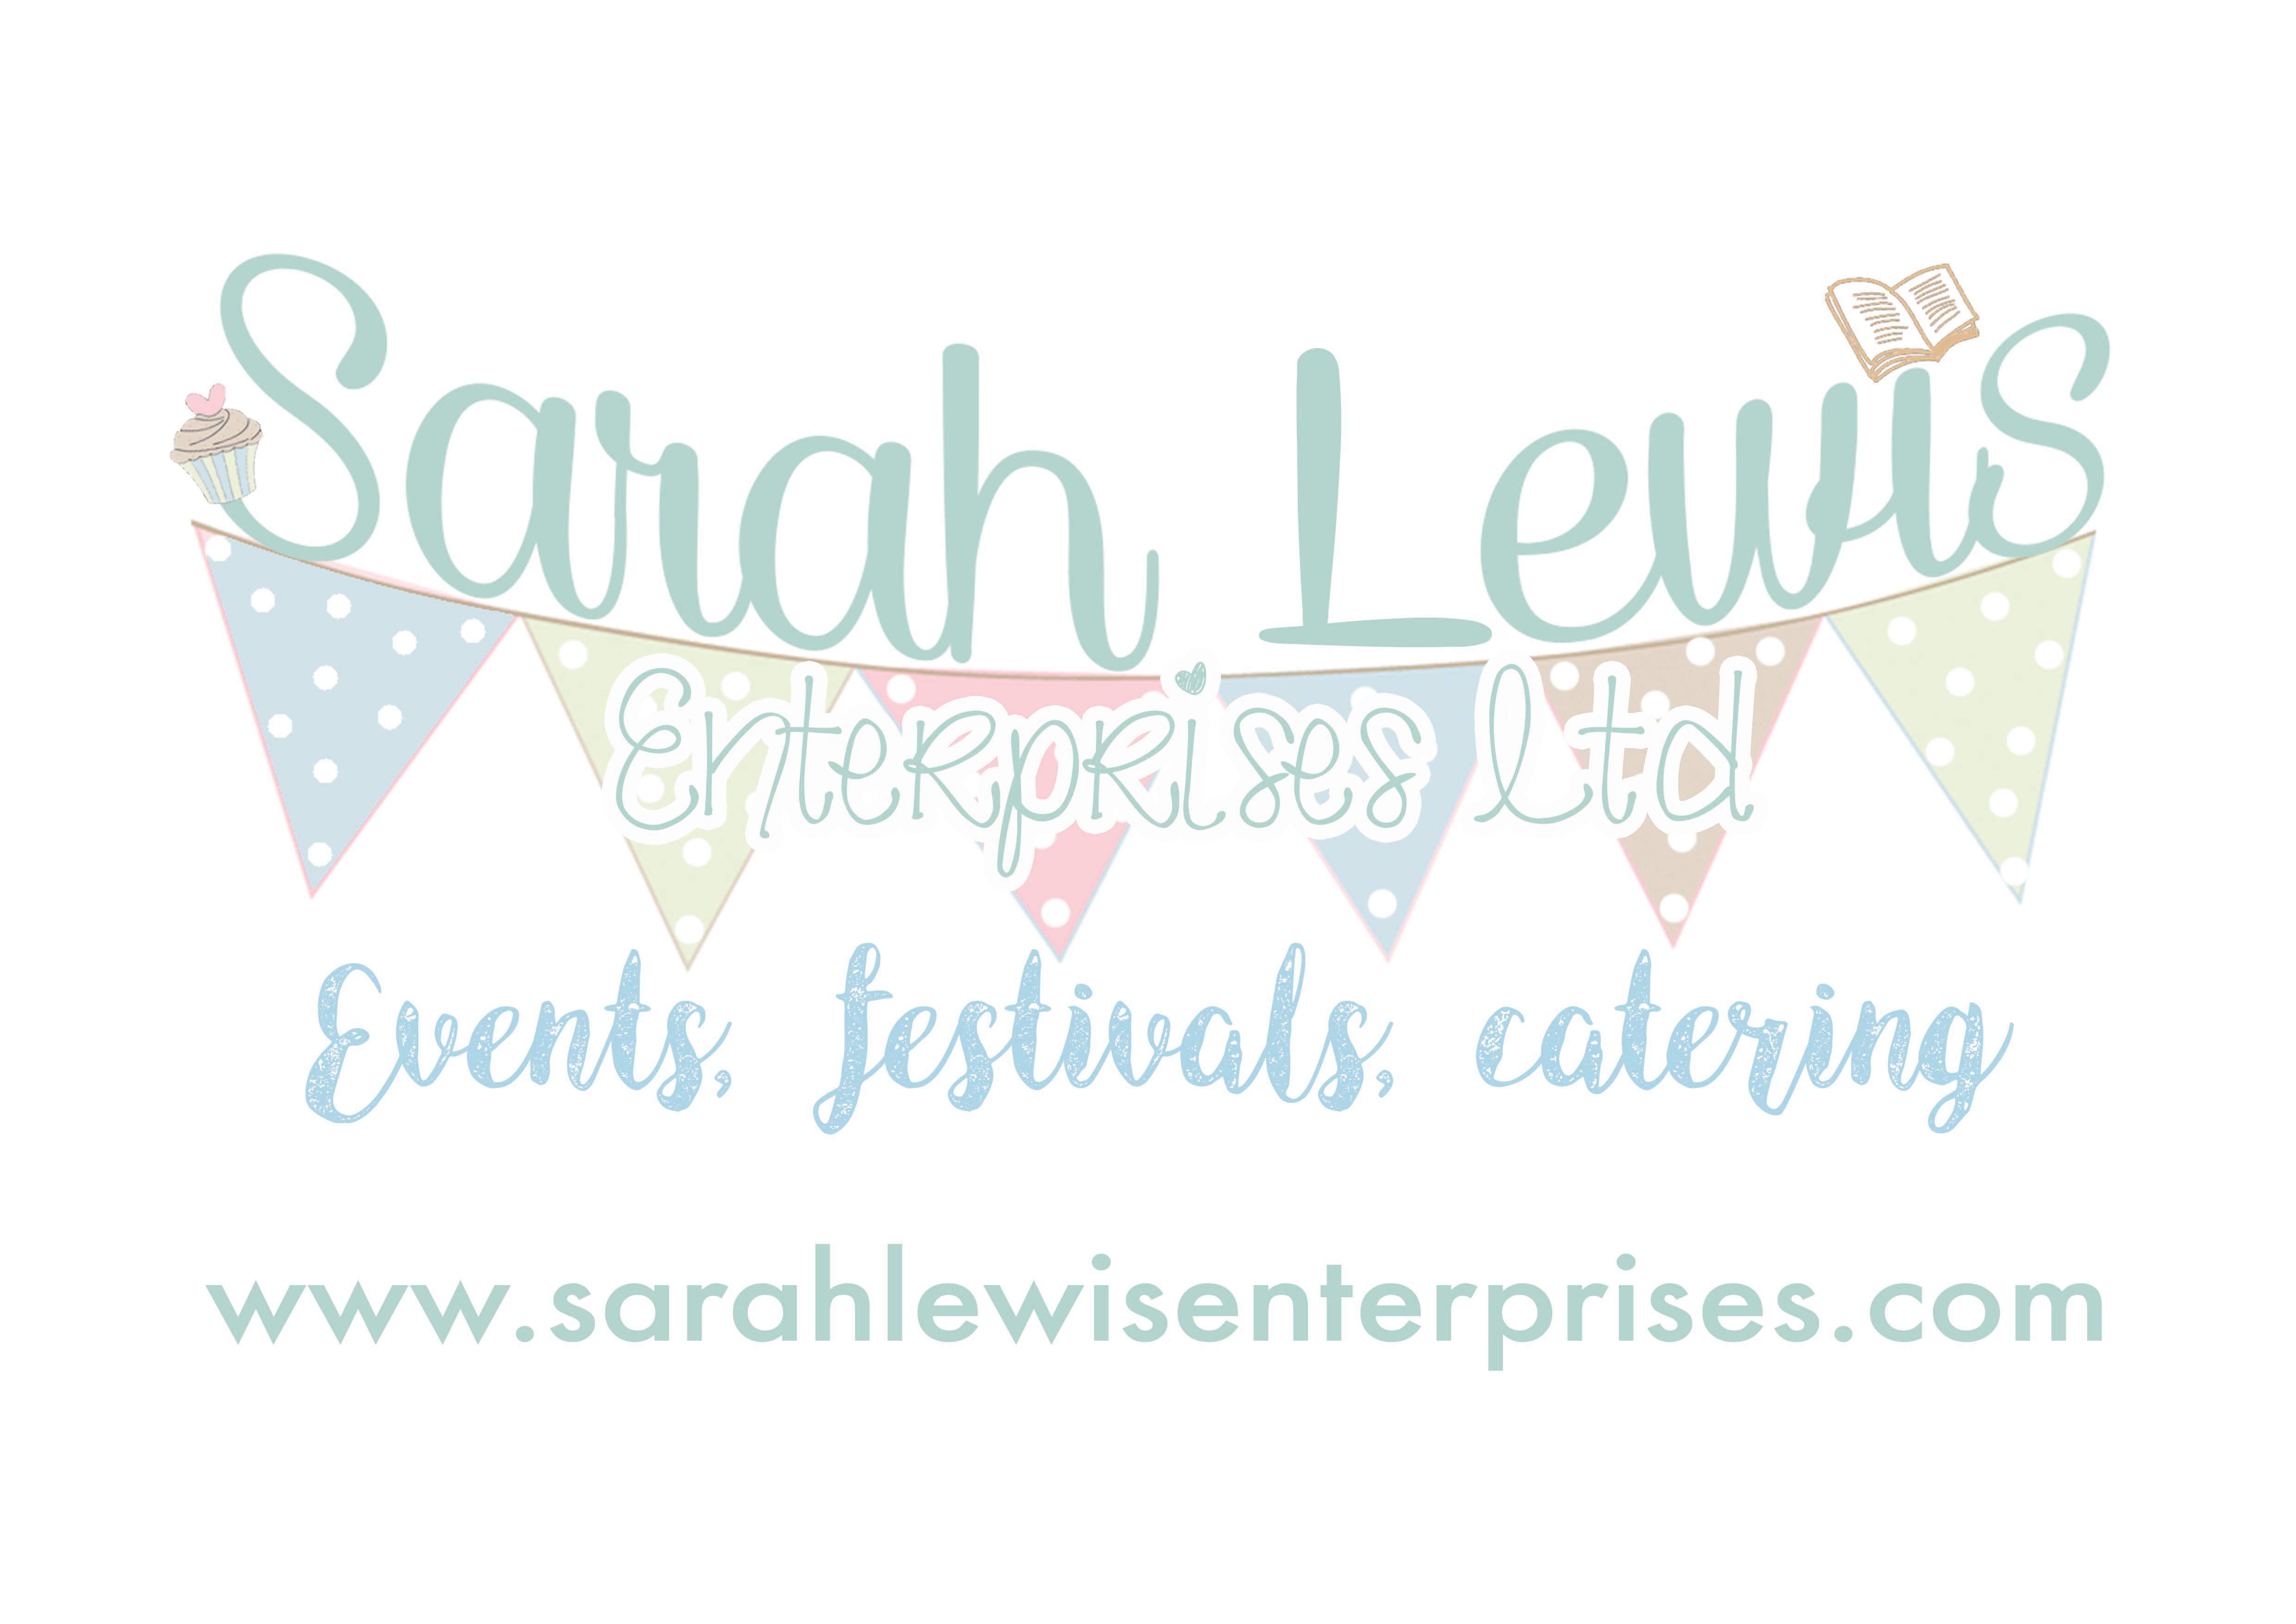 Sarah lewis Logo